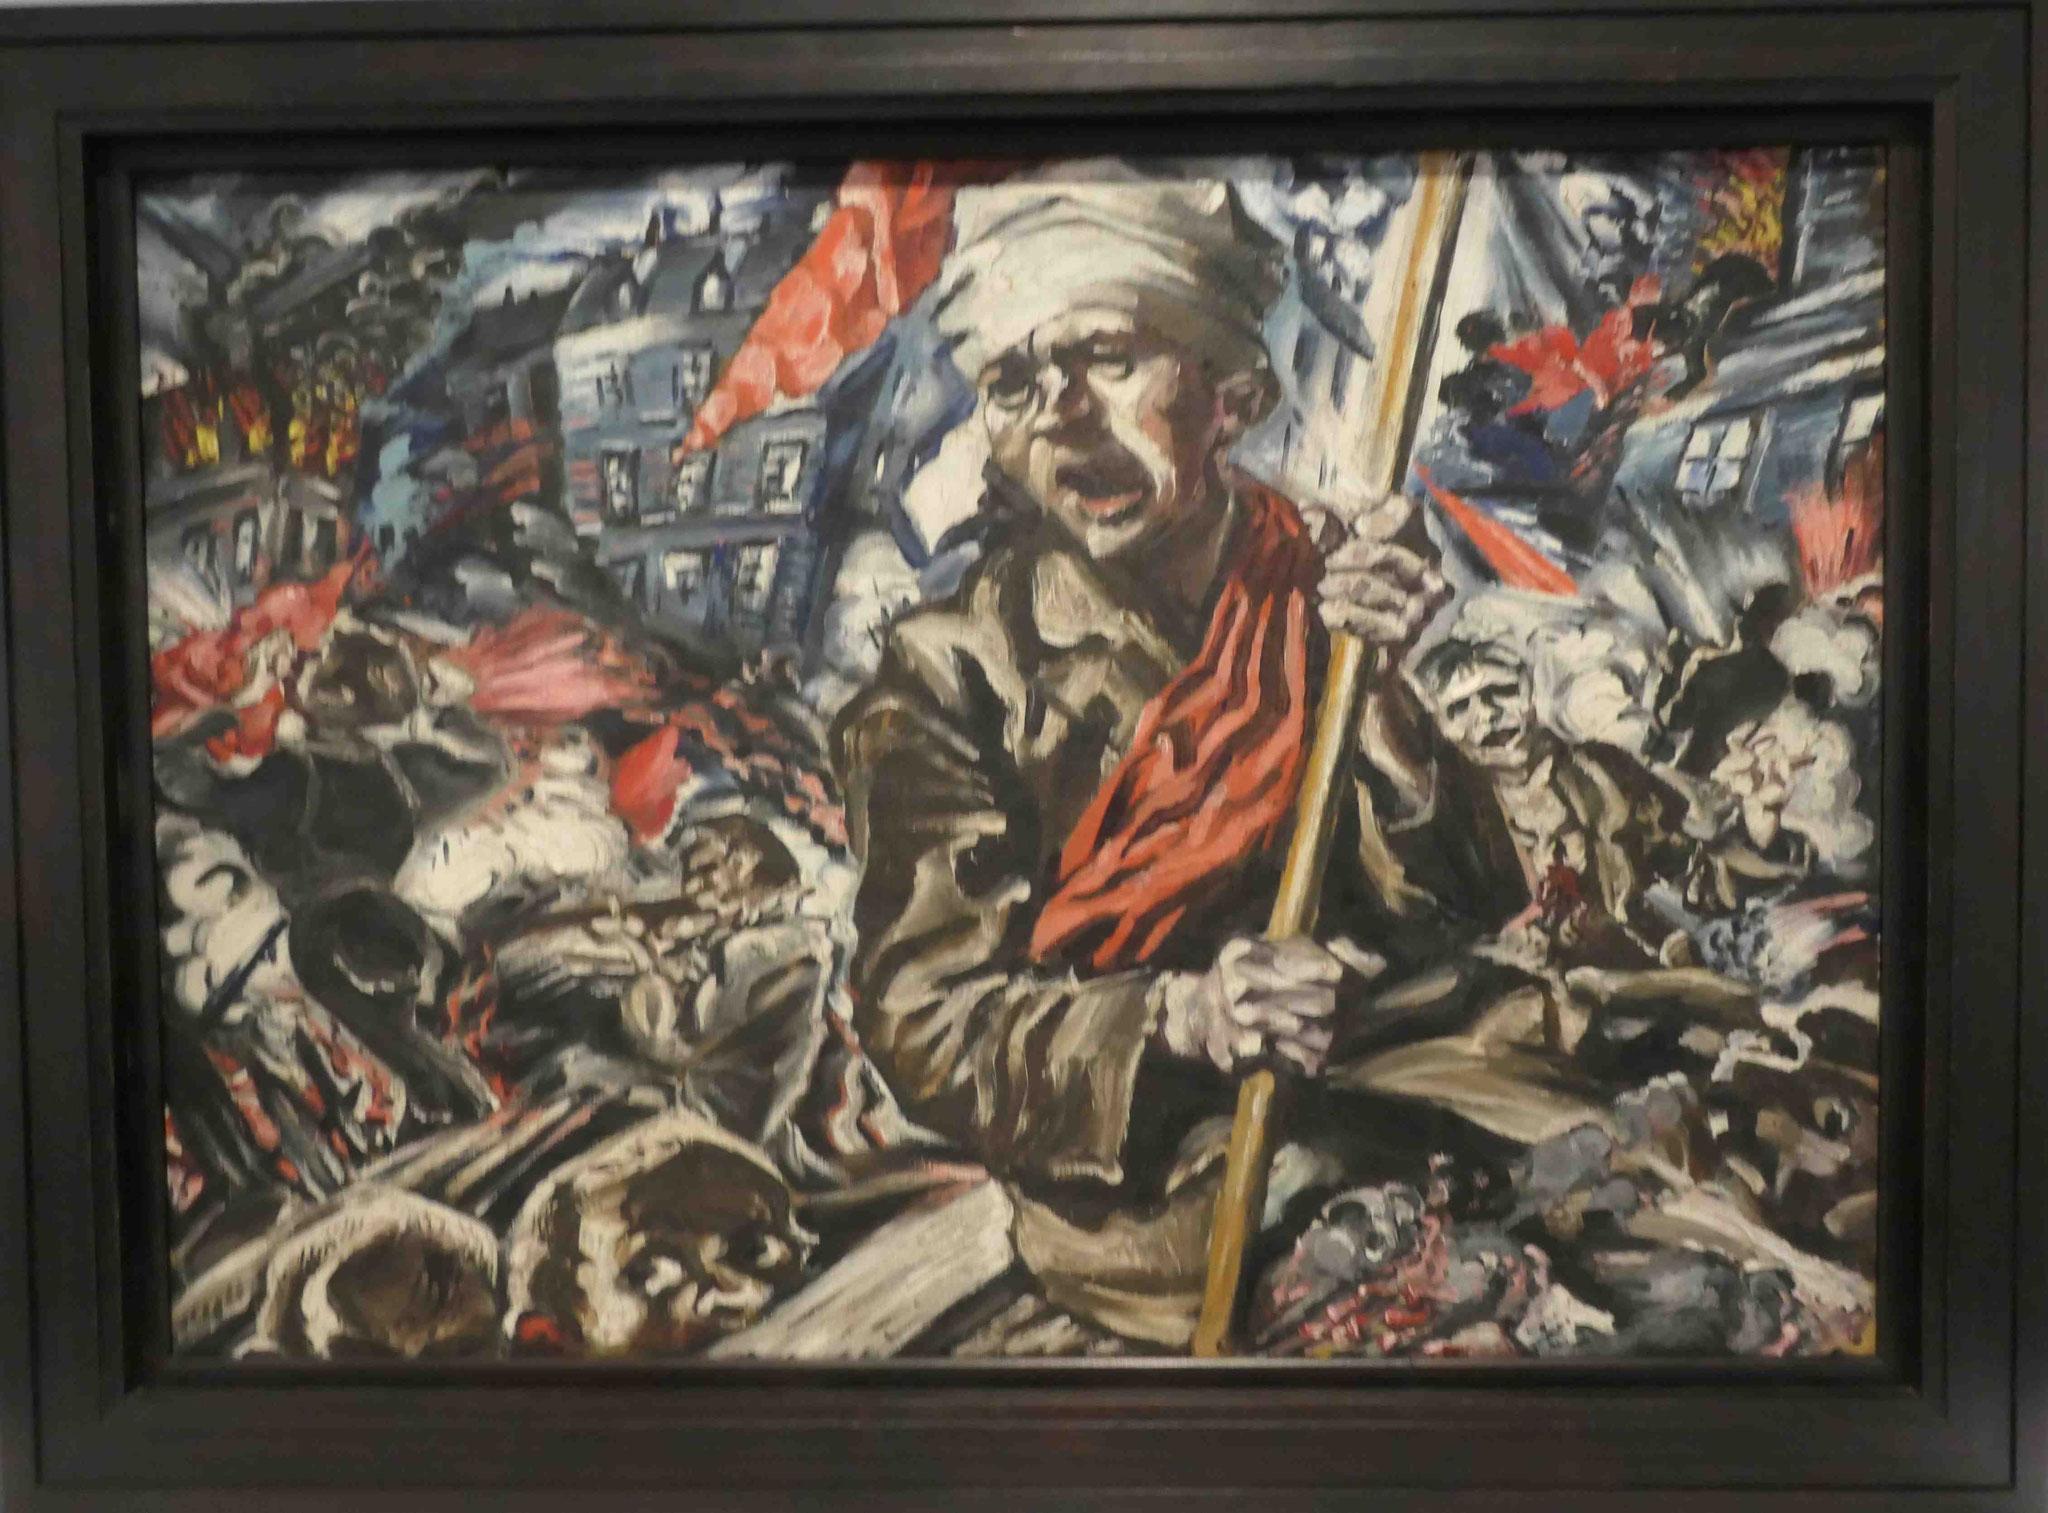 Ludwig Meidner, Revolution (Barrikadenkampf), 1912/13, Neue Nationalgalerie Berlin